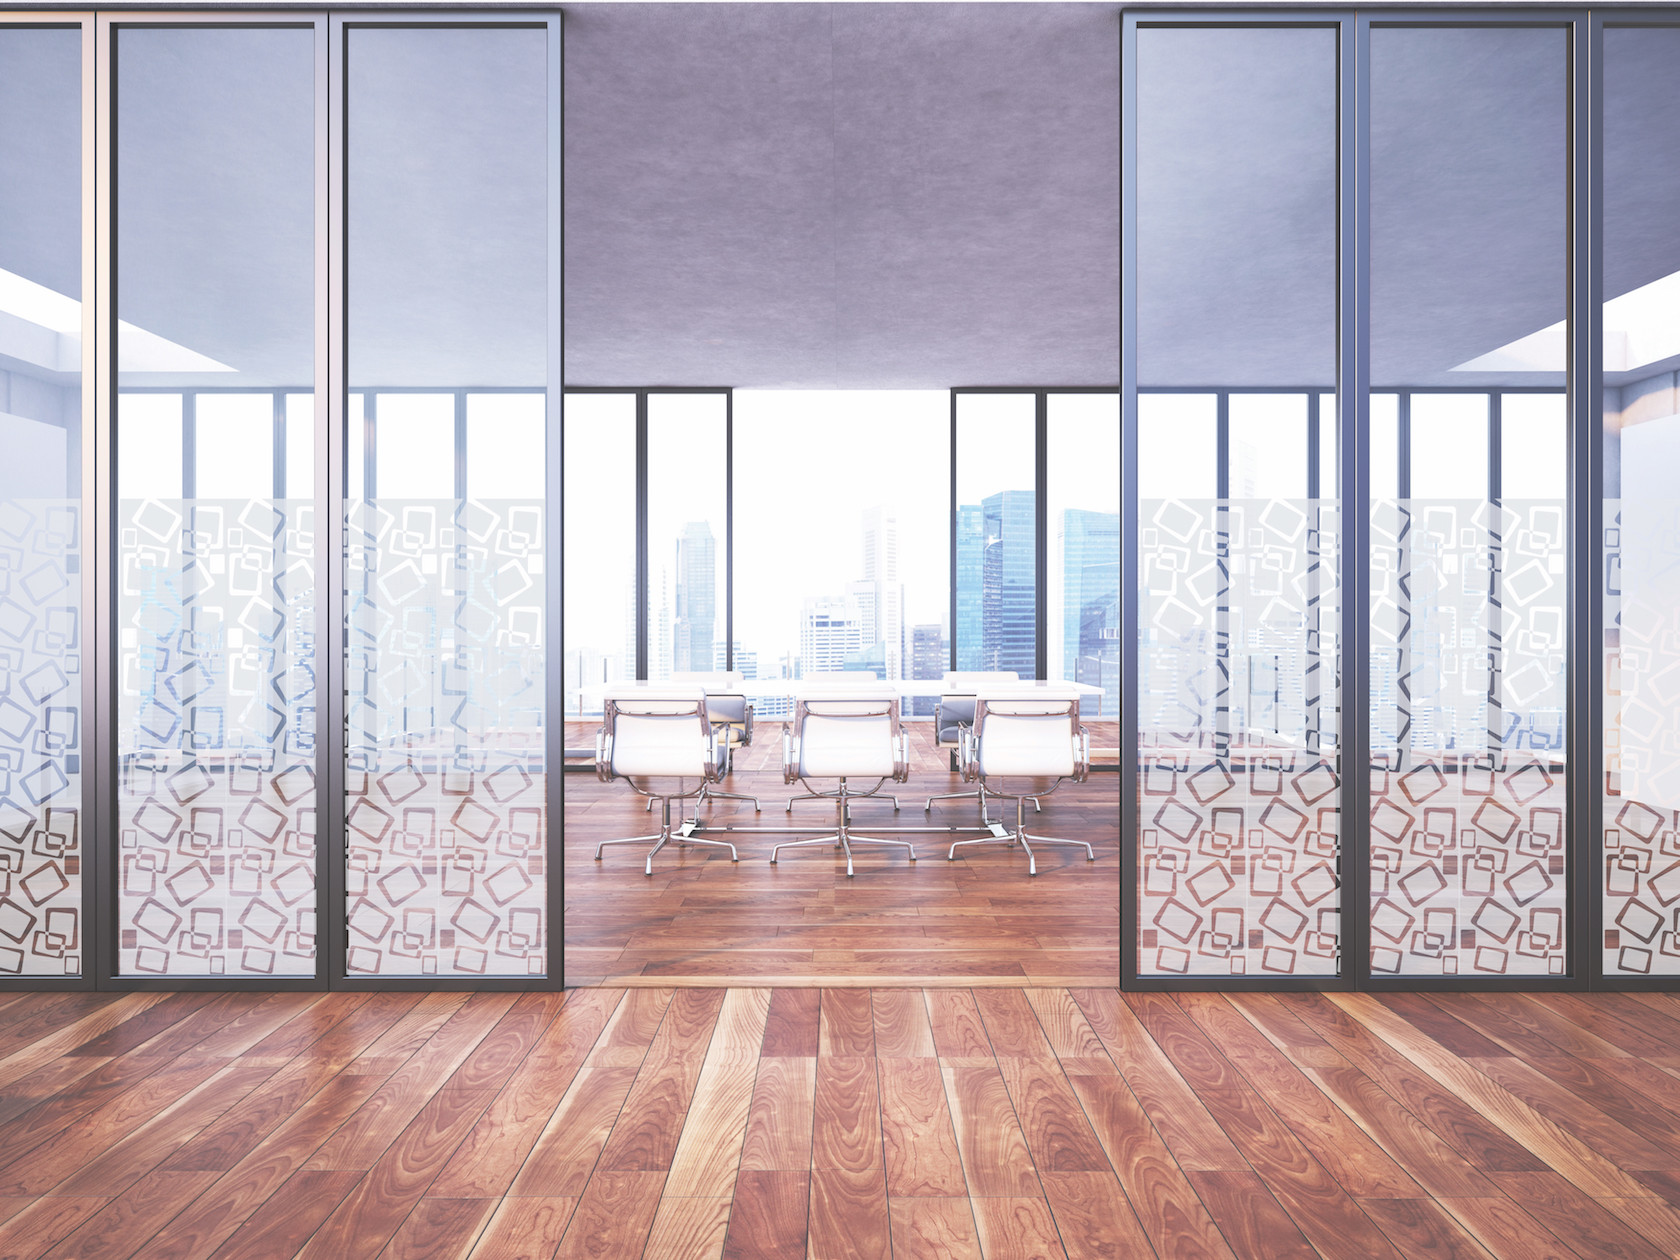 figaro mit dem satiniertem muster und den architektonischen formen erm glicht die figaro folie. Black Bedroom Furniture Sets. Home Design Ideas